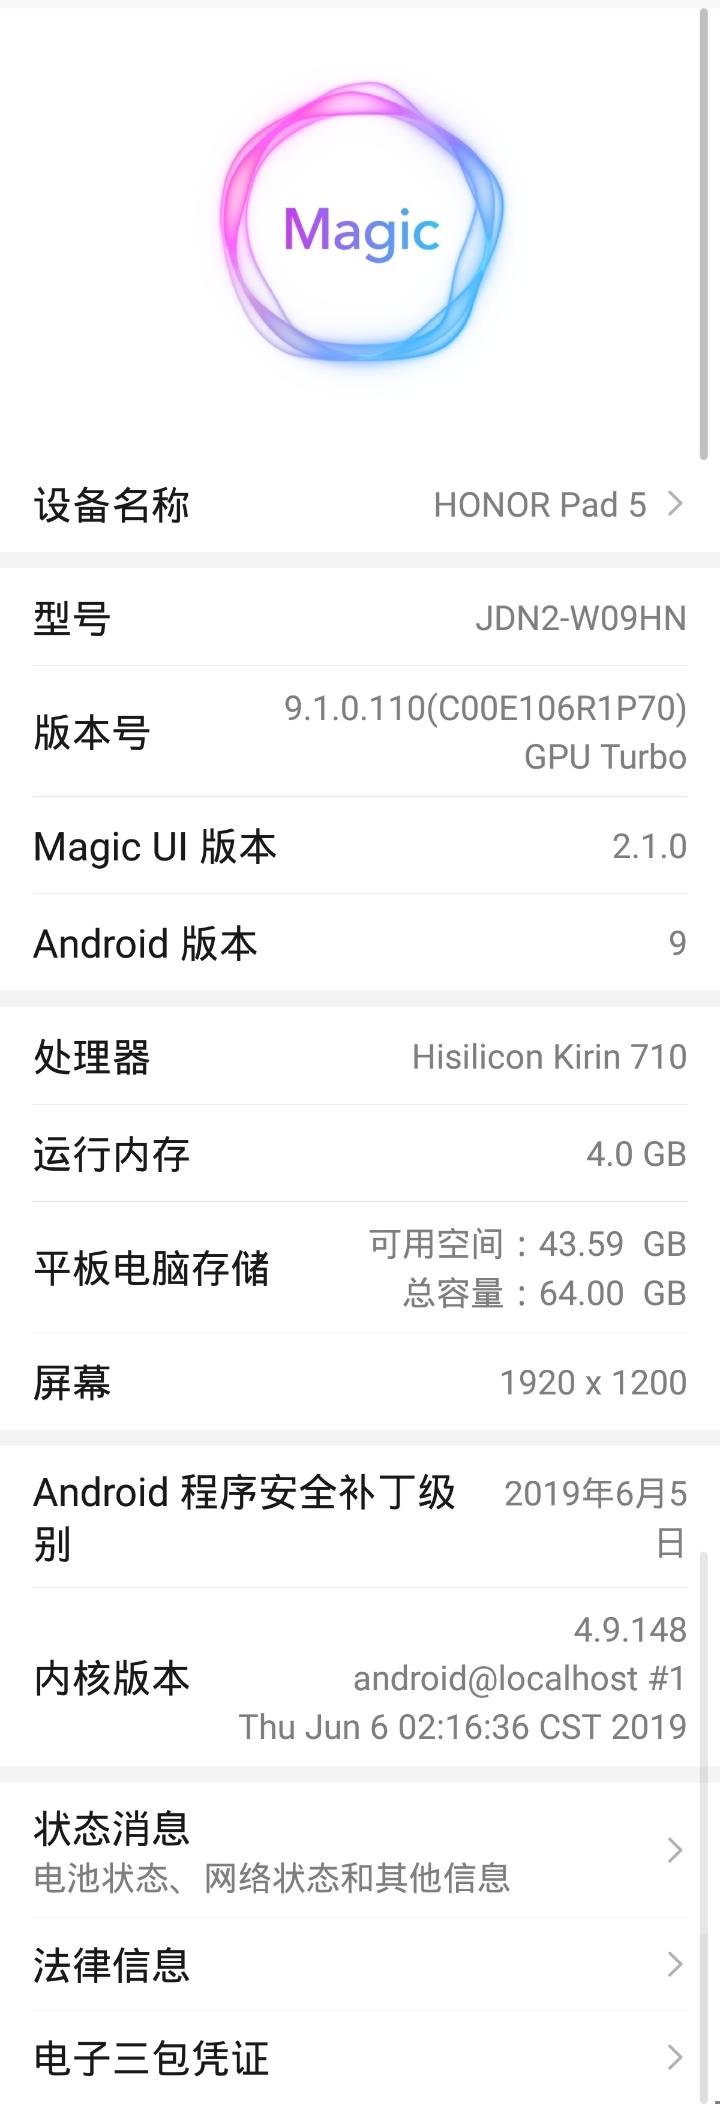 Screenshot_20190711_155826.jpg